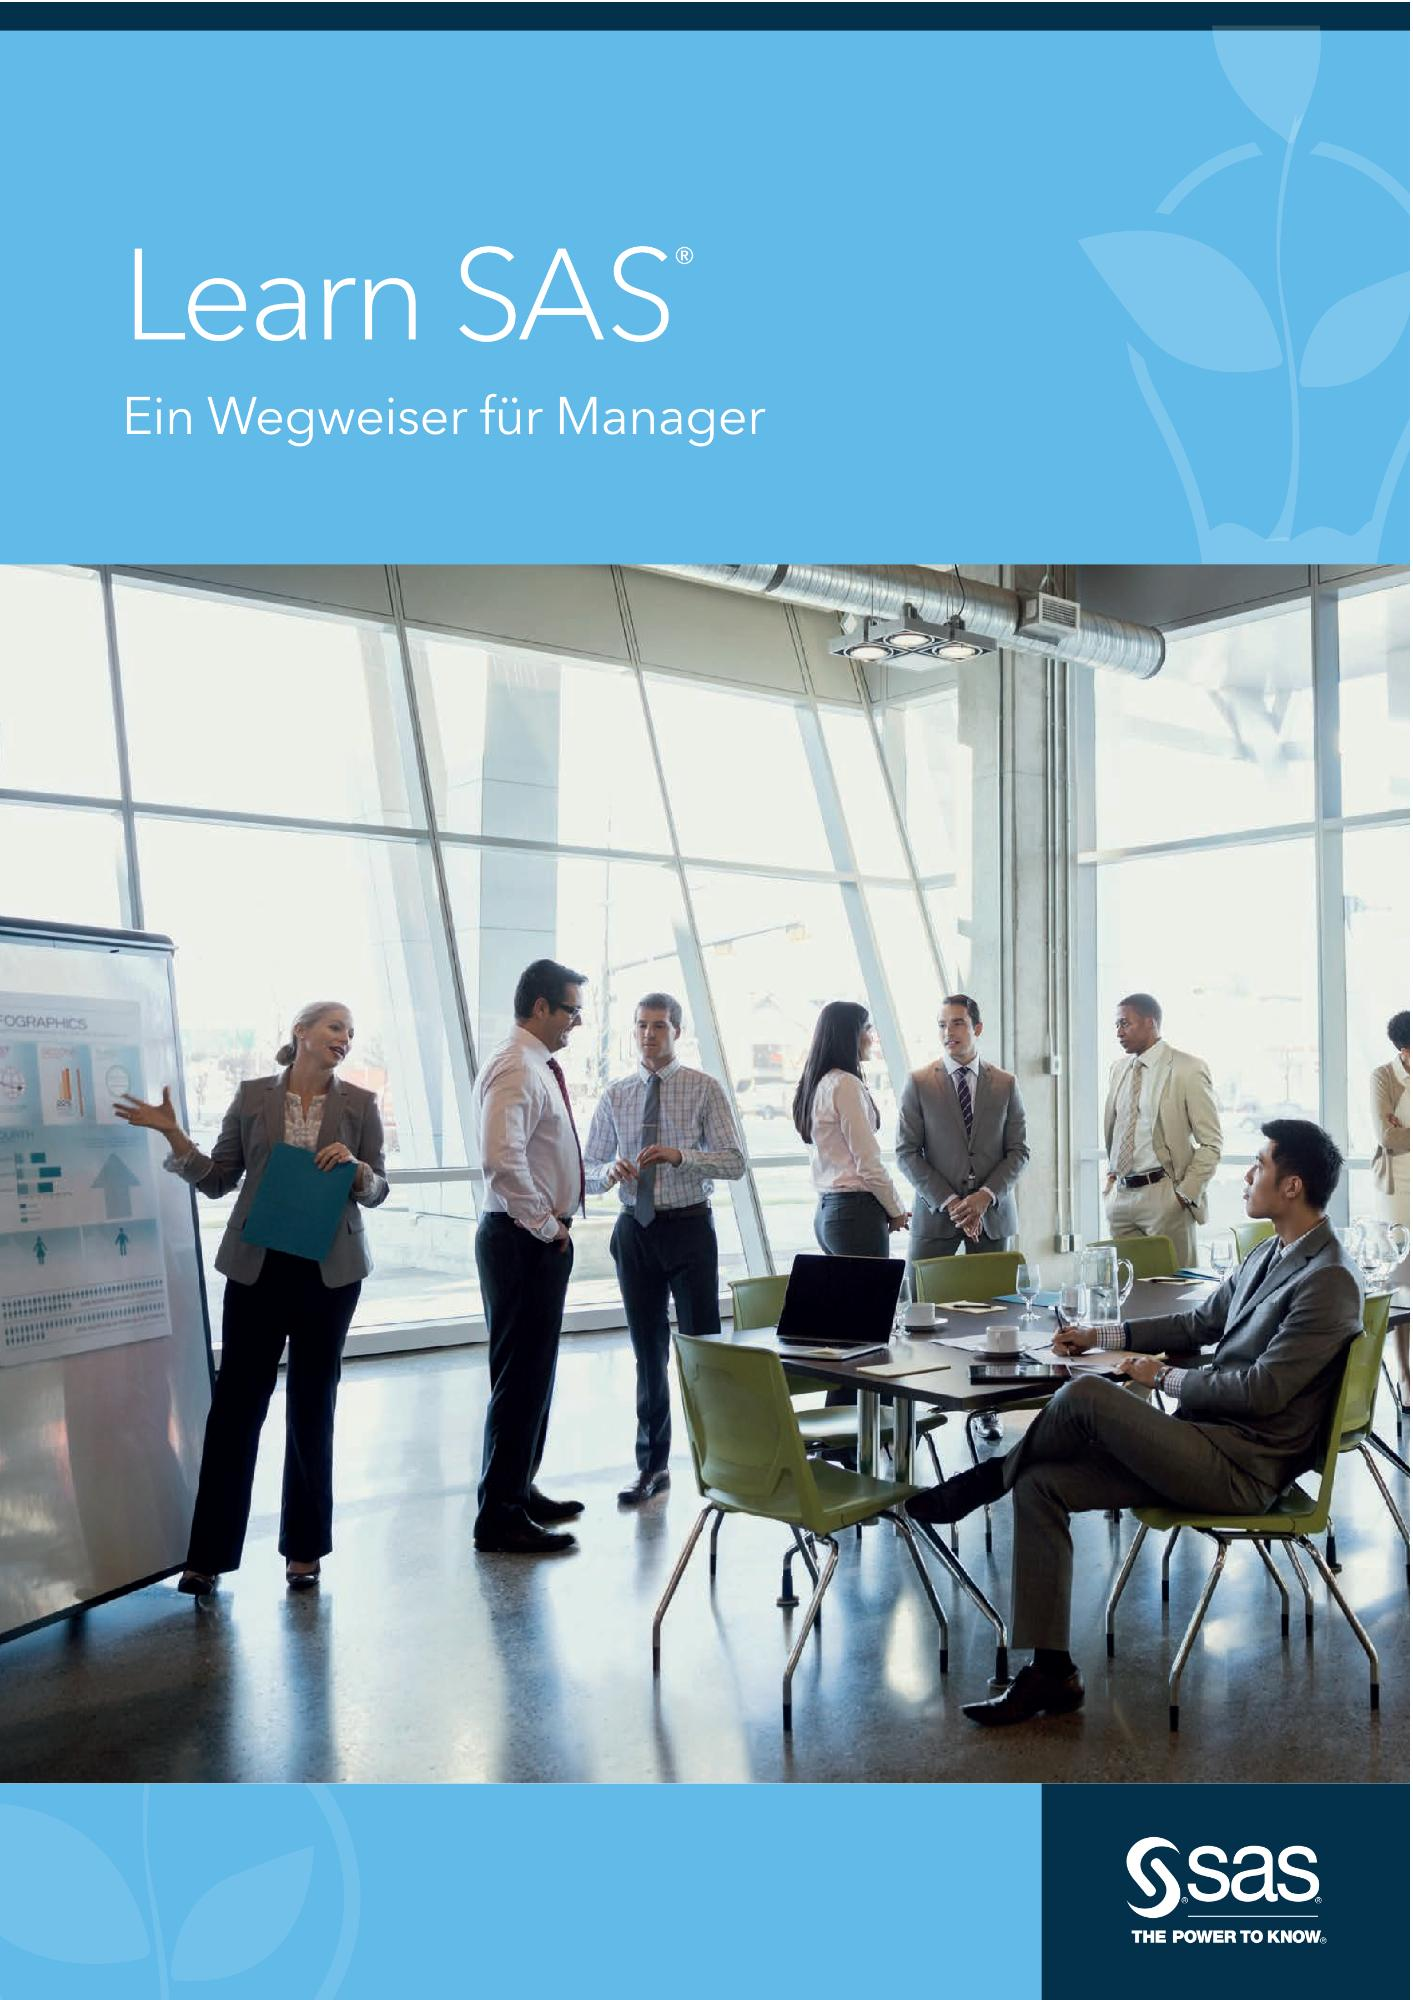 Learn SAS - Ein Wegweiser für Manager